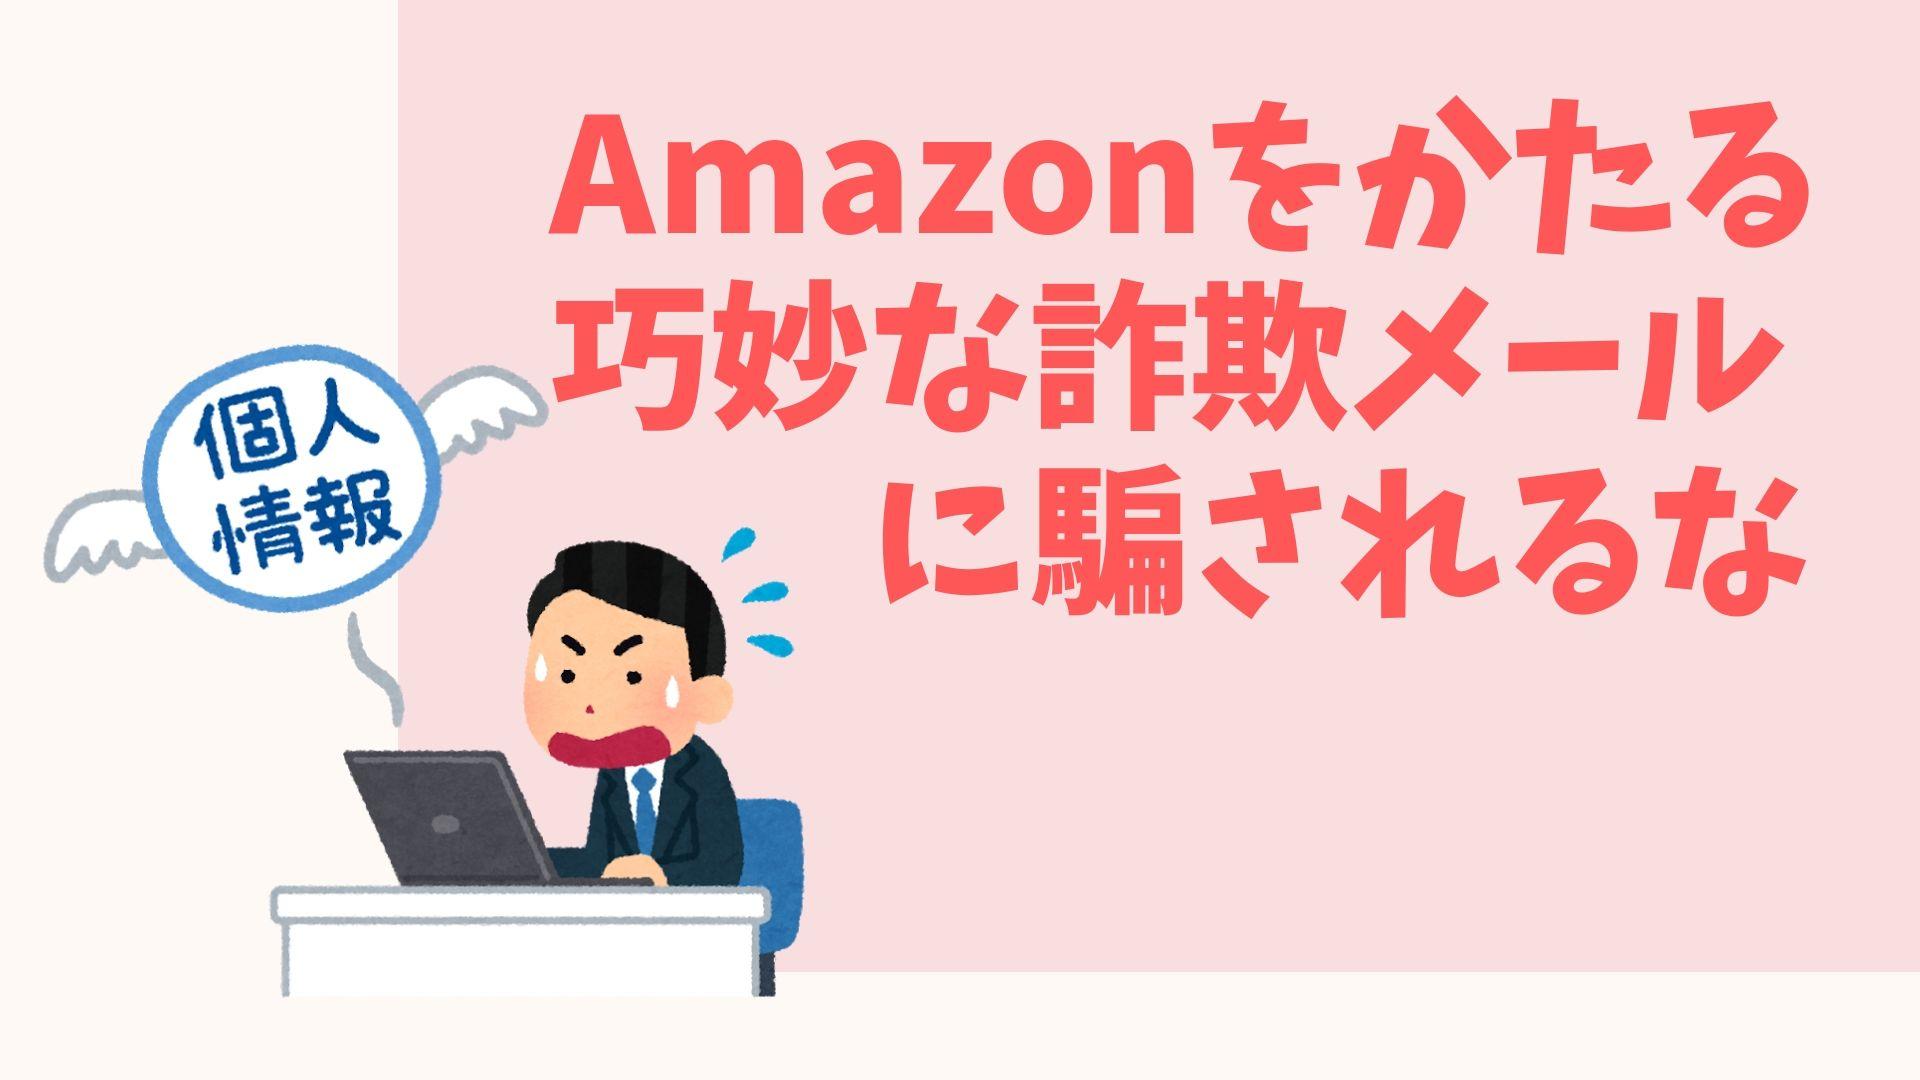 Amazon - 【電話0357575252】Amazonをかたる巧妙な詐欺メールに注意!個人情報の入力は絶対ダメ!